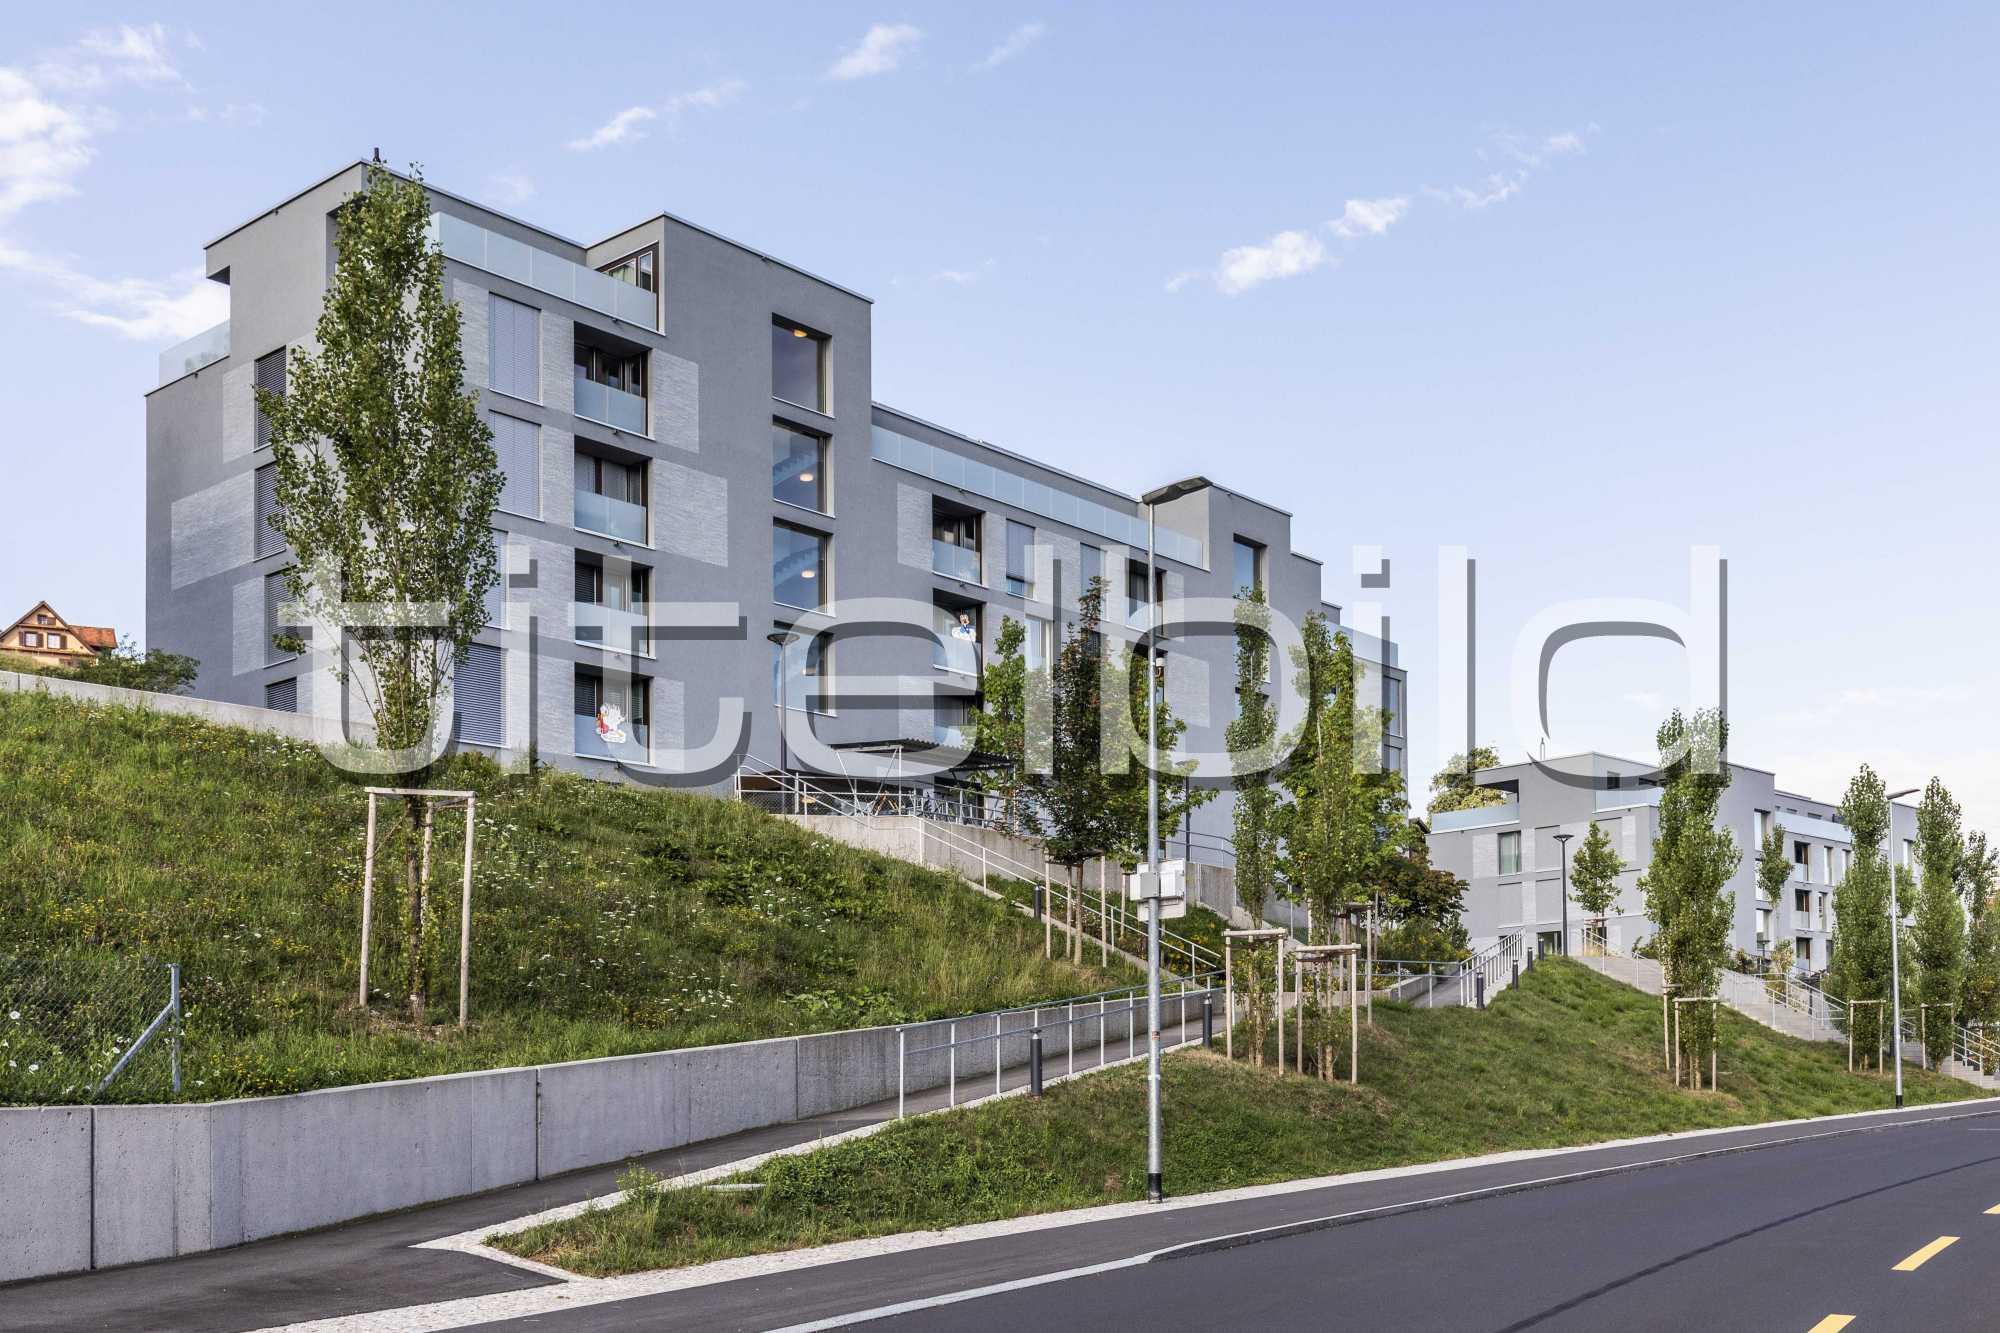 Projektbild-Nr. 6: Wohnüberbauung Talstrasse